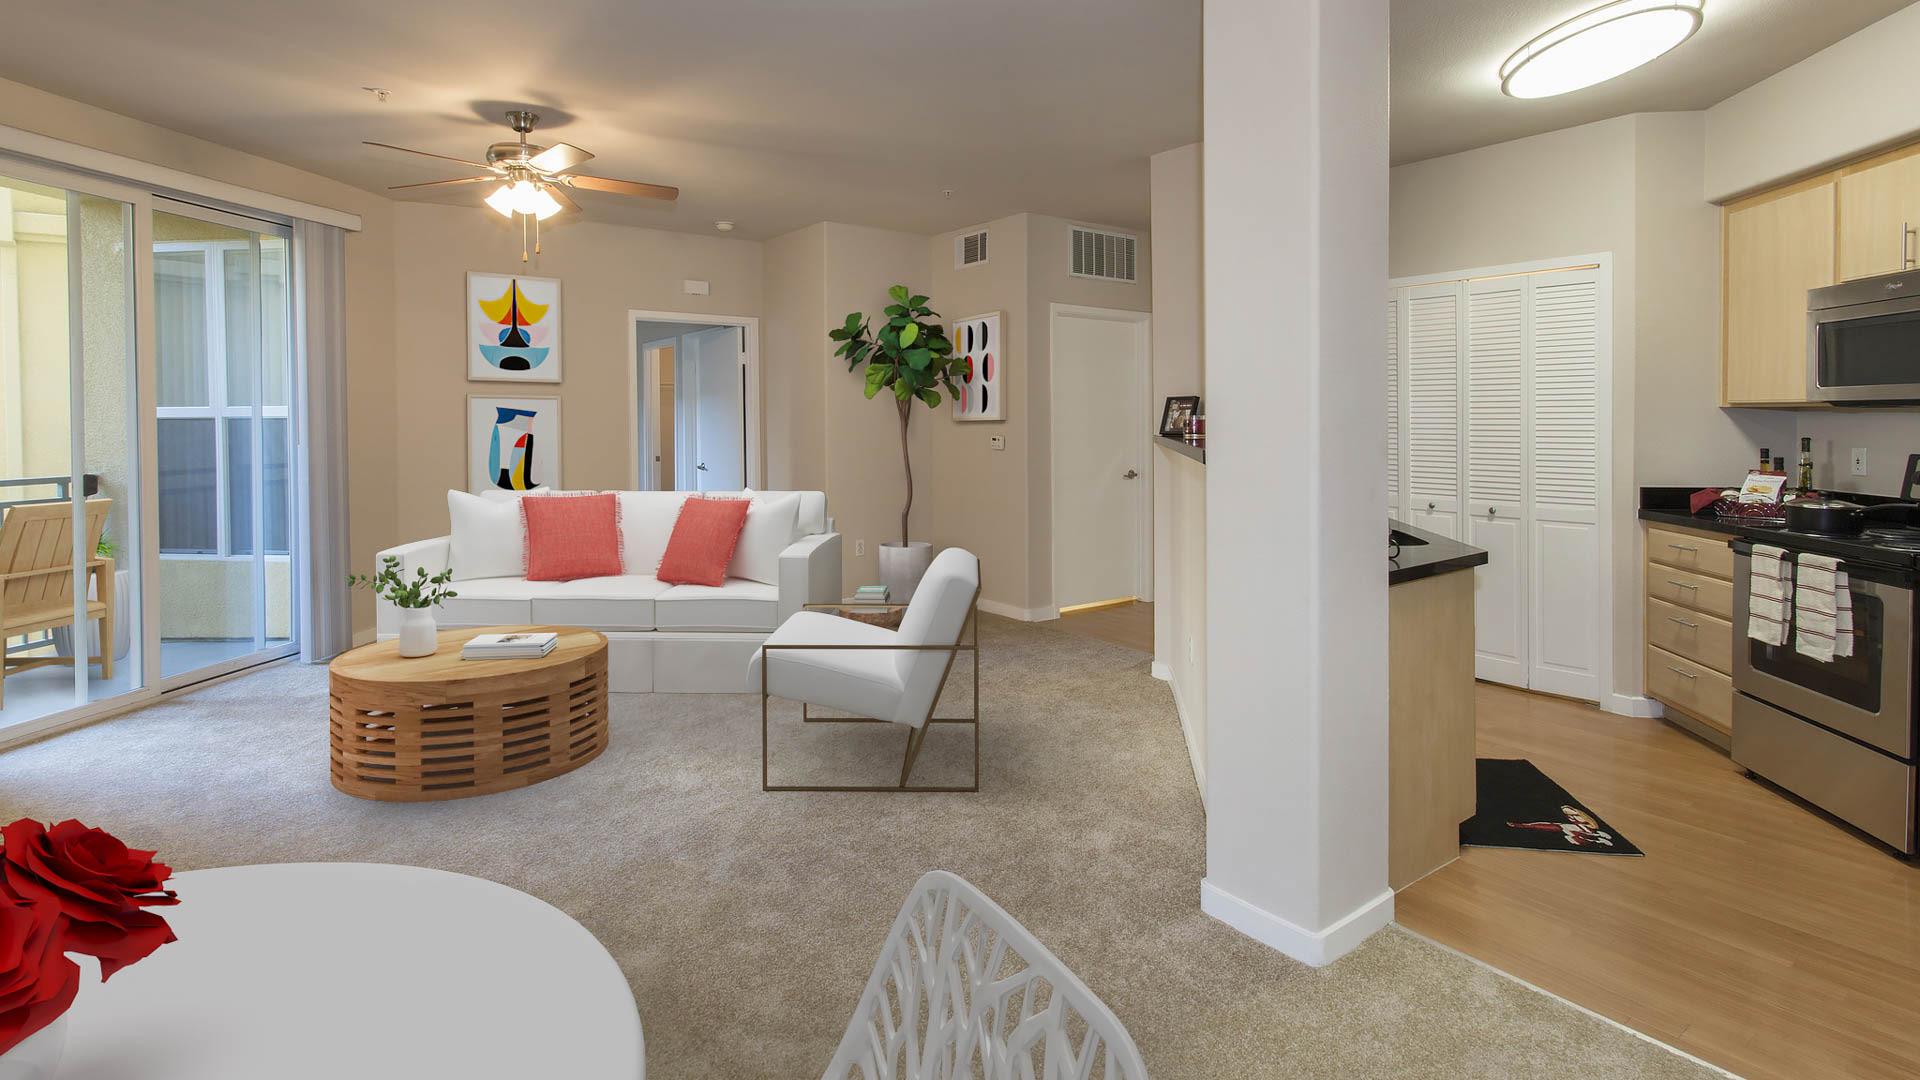 Acappella Pasadena Apartments - Living Area